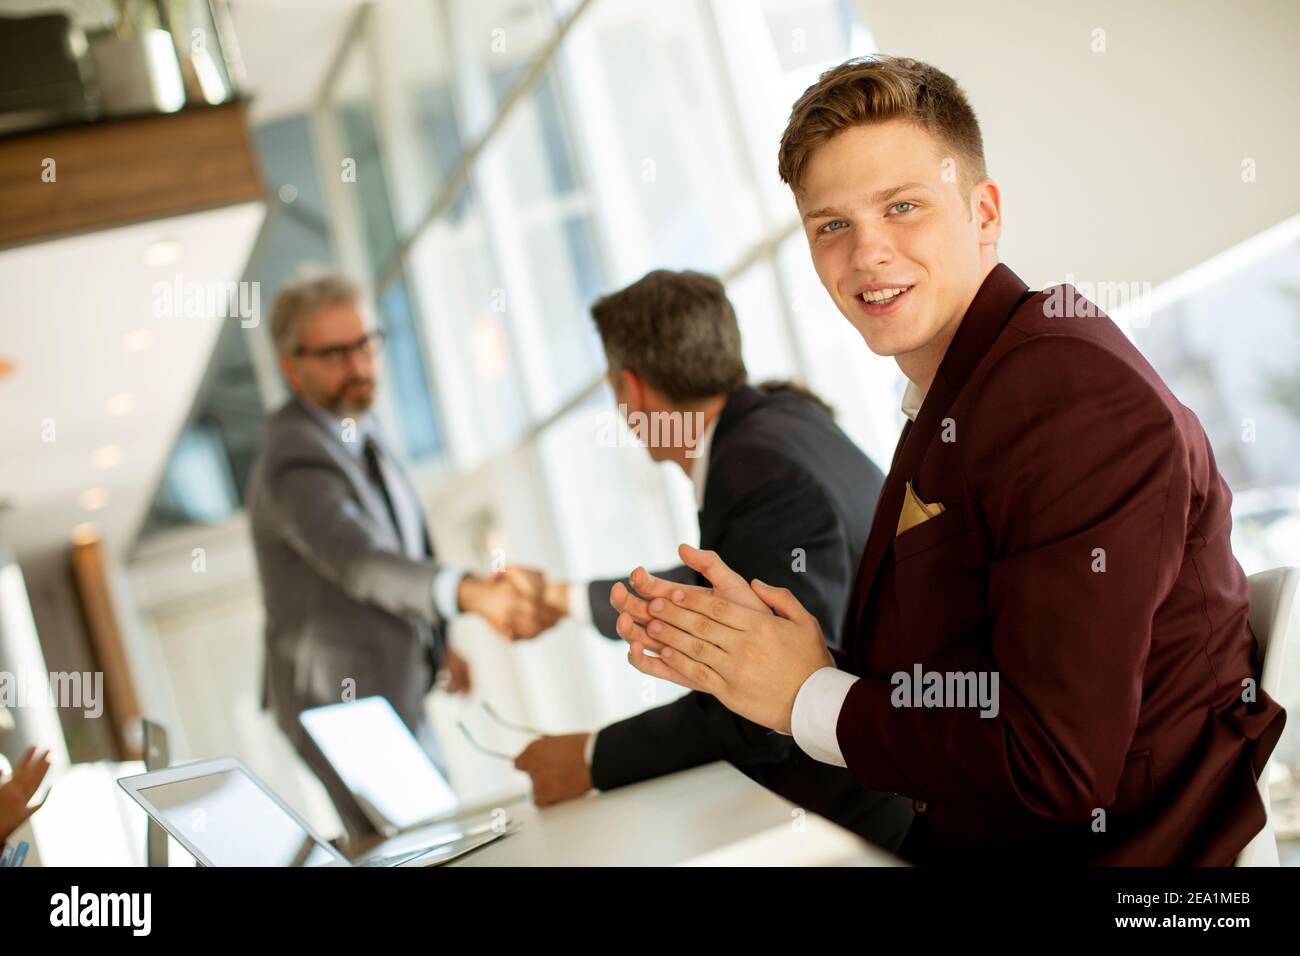 Un hombre joven y guapo golpeando las manos después de una exitosa reunión de negocios la oficina moderna Foto de stock